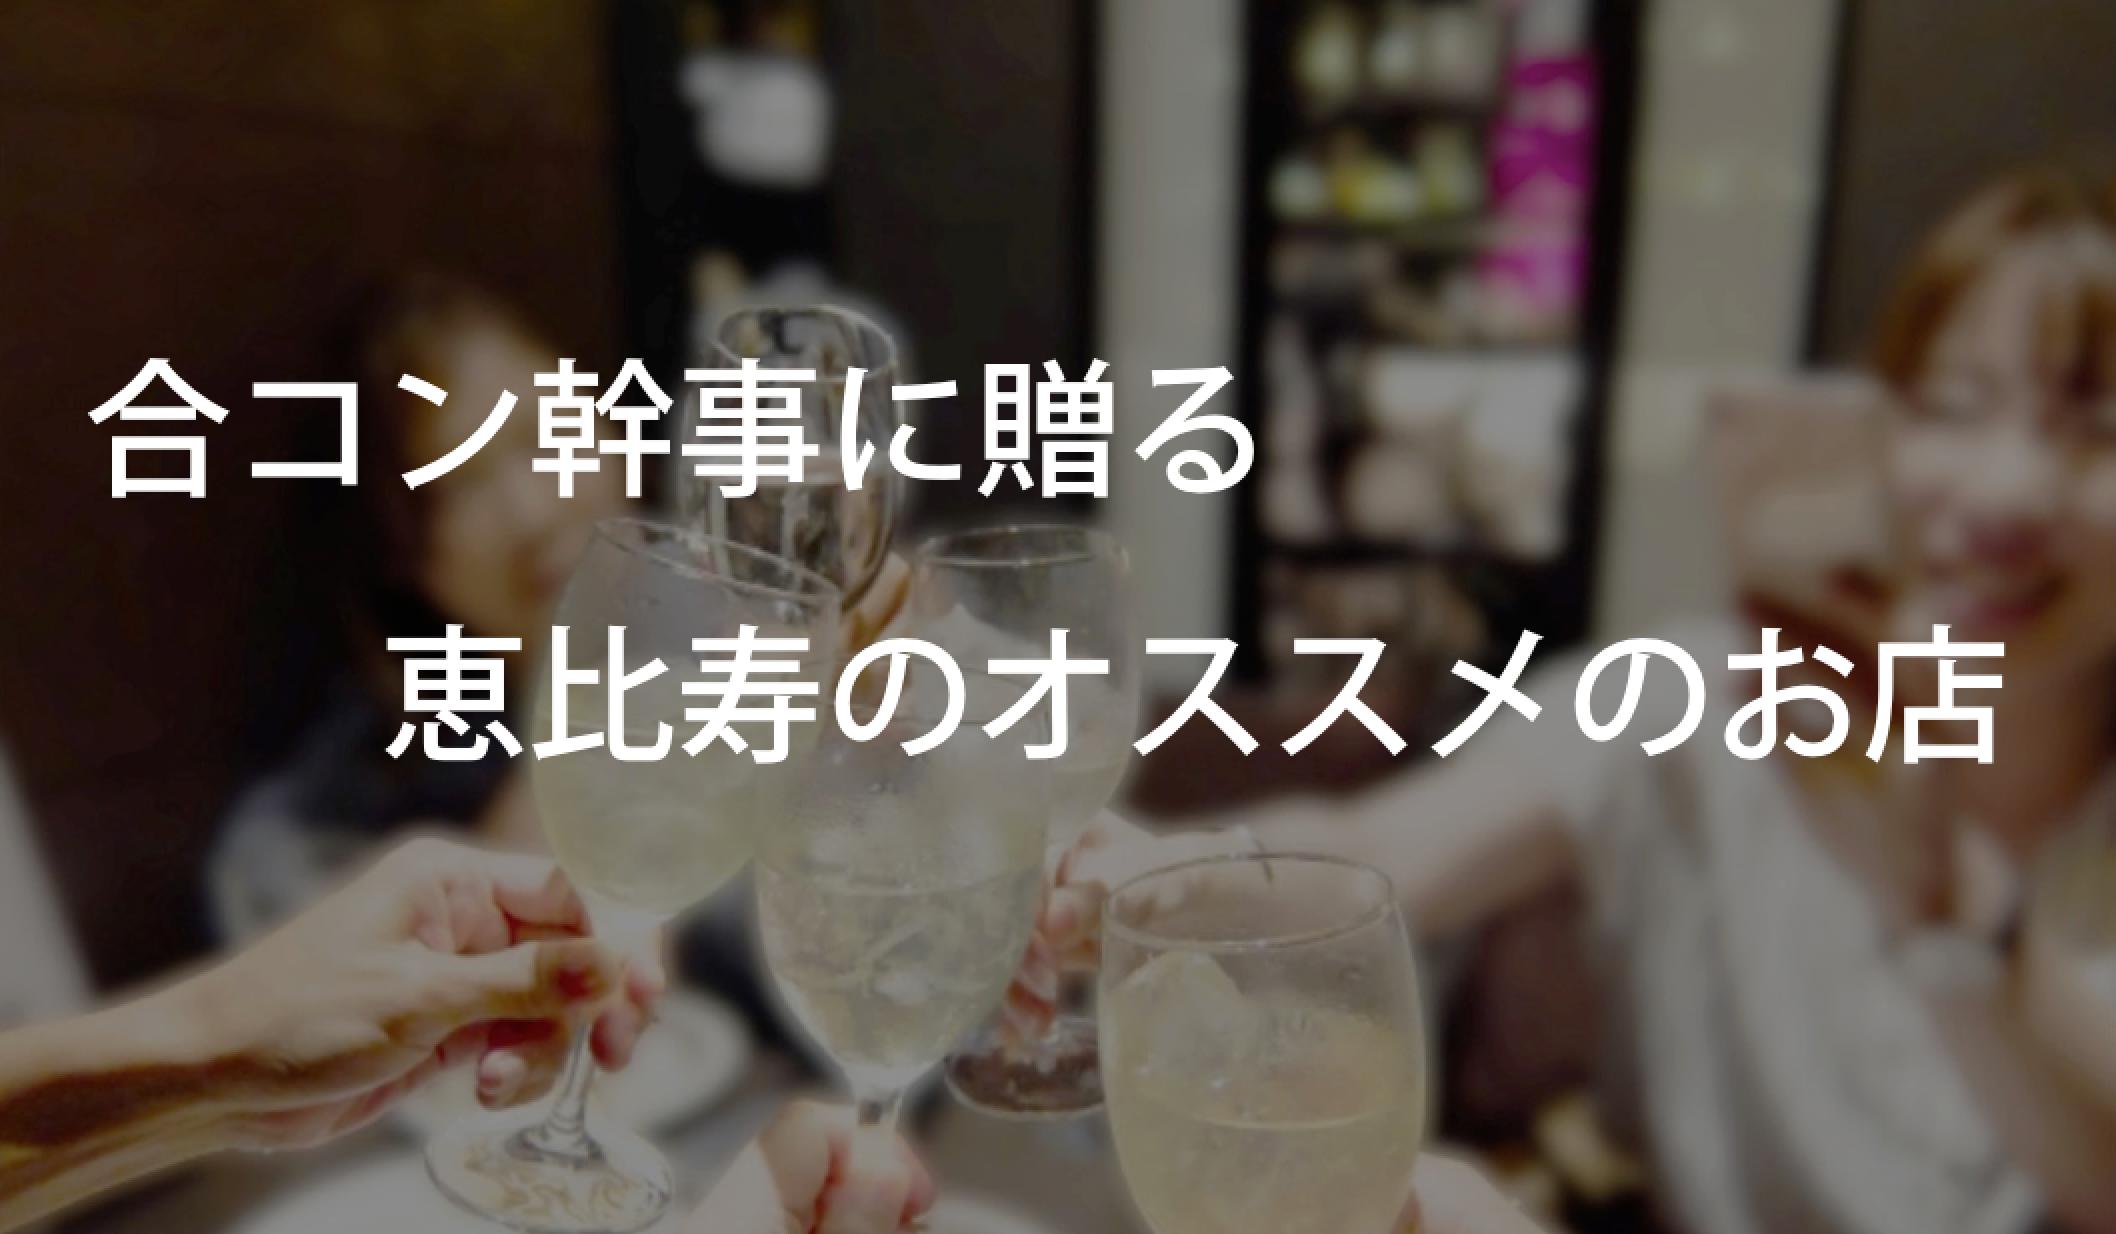 恵比寿で合コン的な飲み会に使った女子ウケ◎なお店を挙げてみる